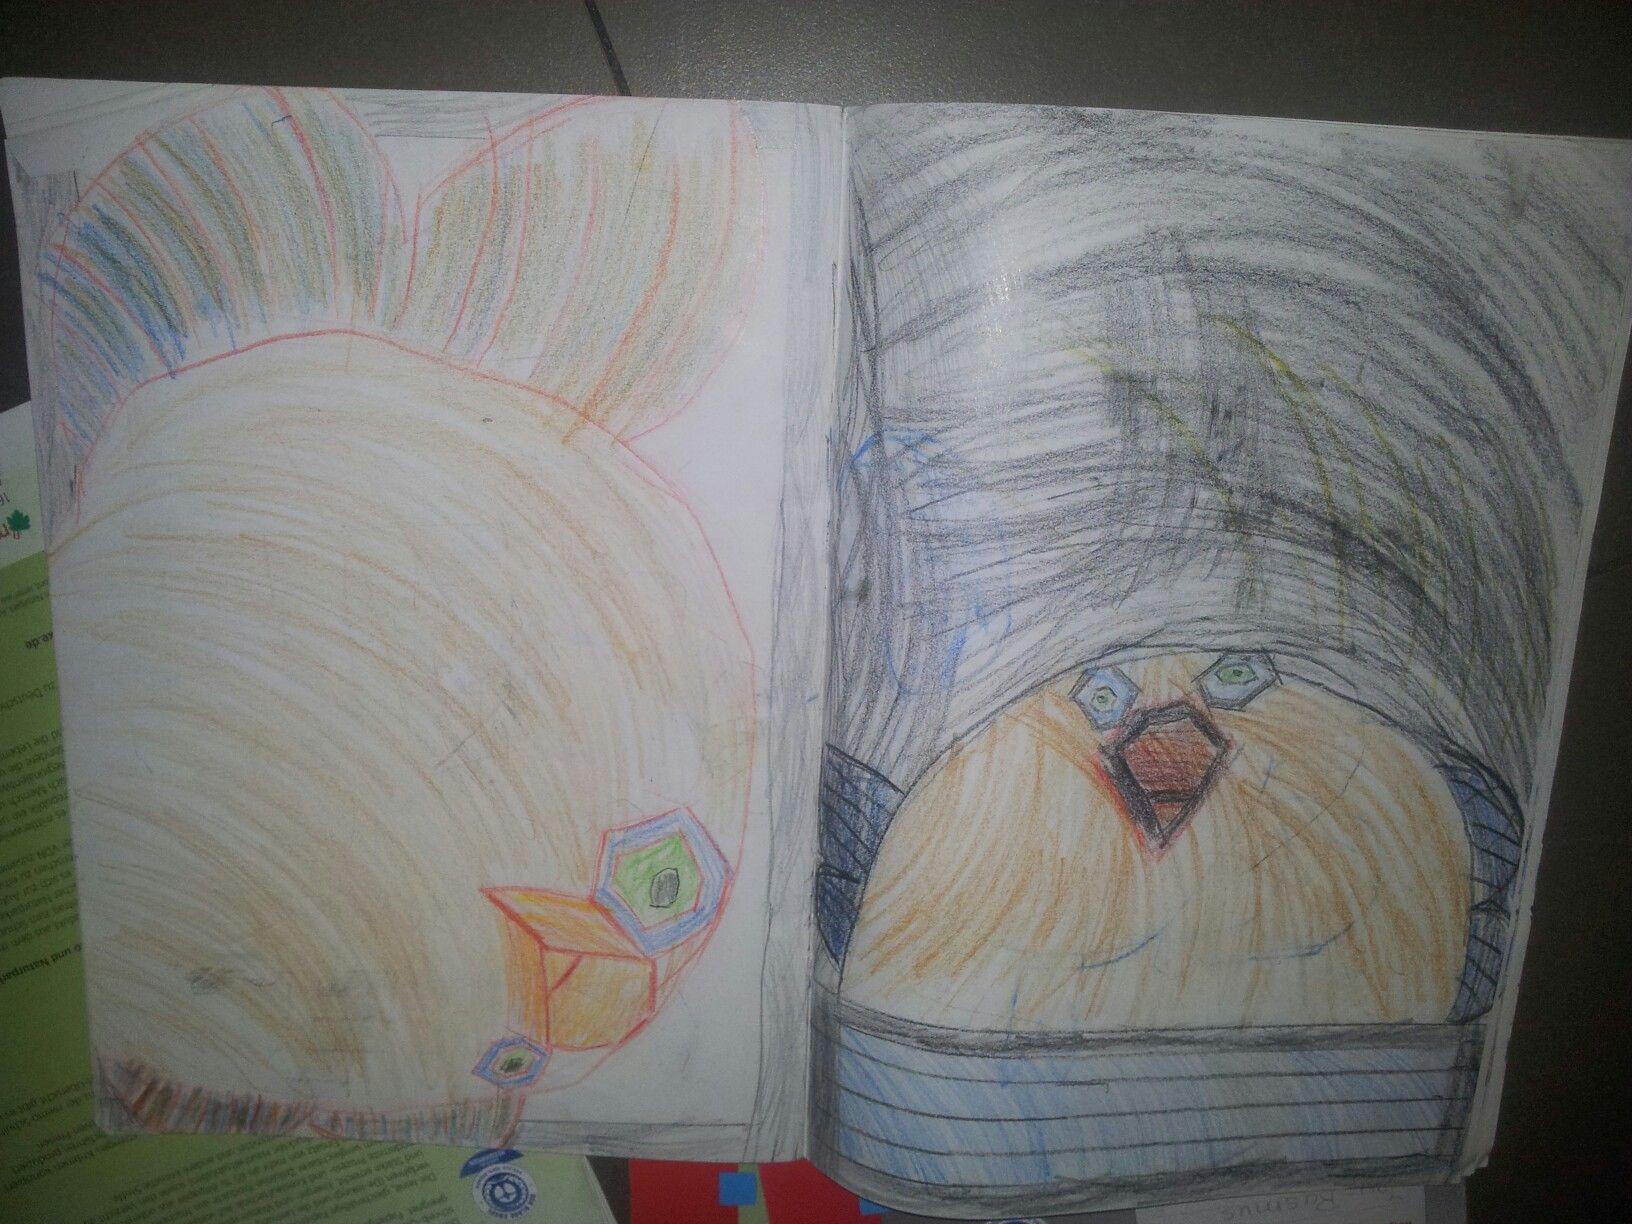 Vogel-Phantasie-Figur - gemalt mit 6 Jahren